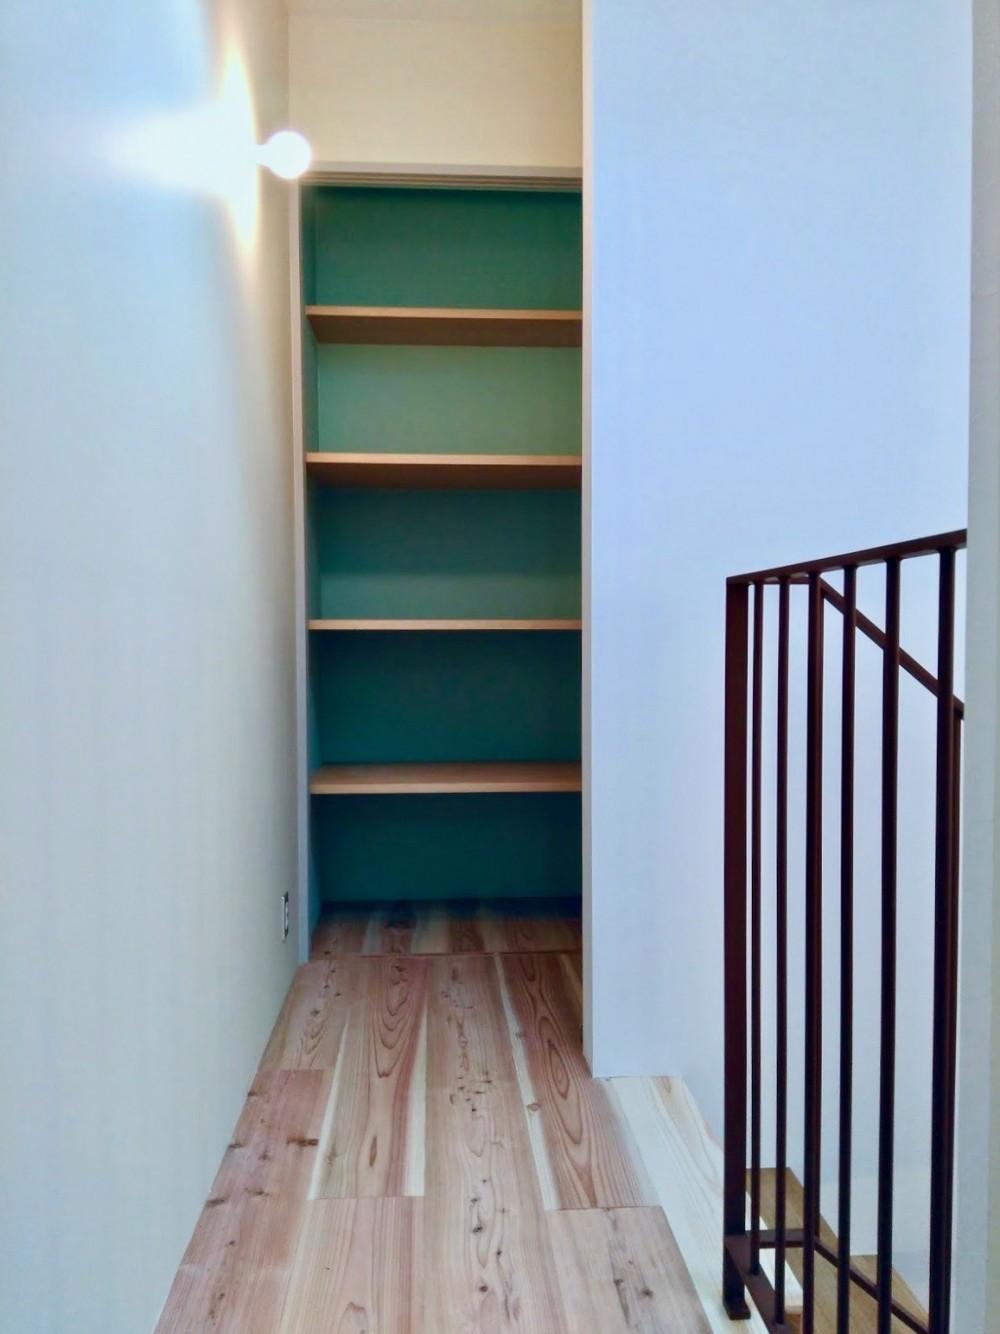 阿倍野の住宅:大阪の狭小住宅 3階建て (3階パントリー)